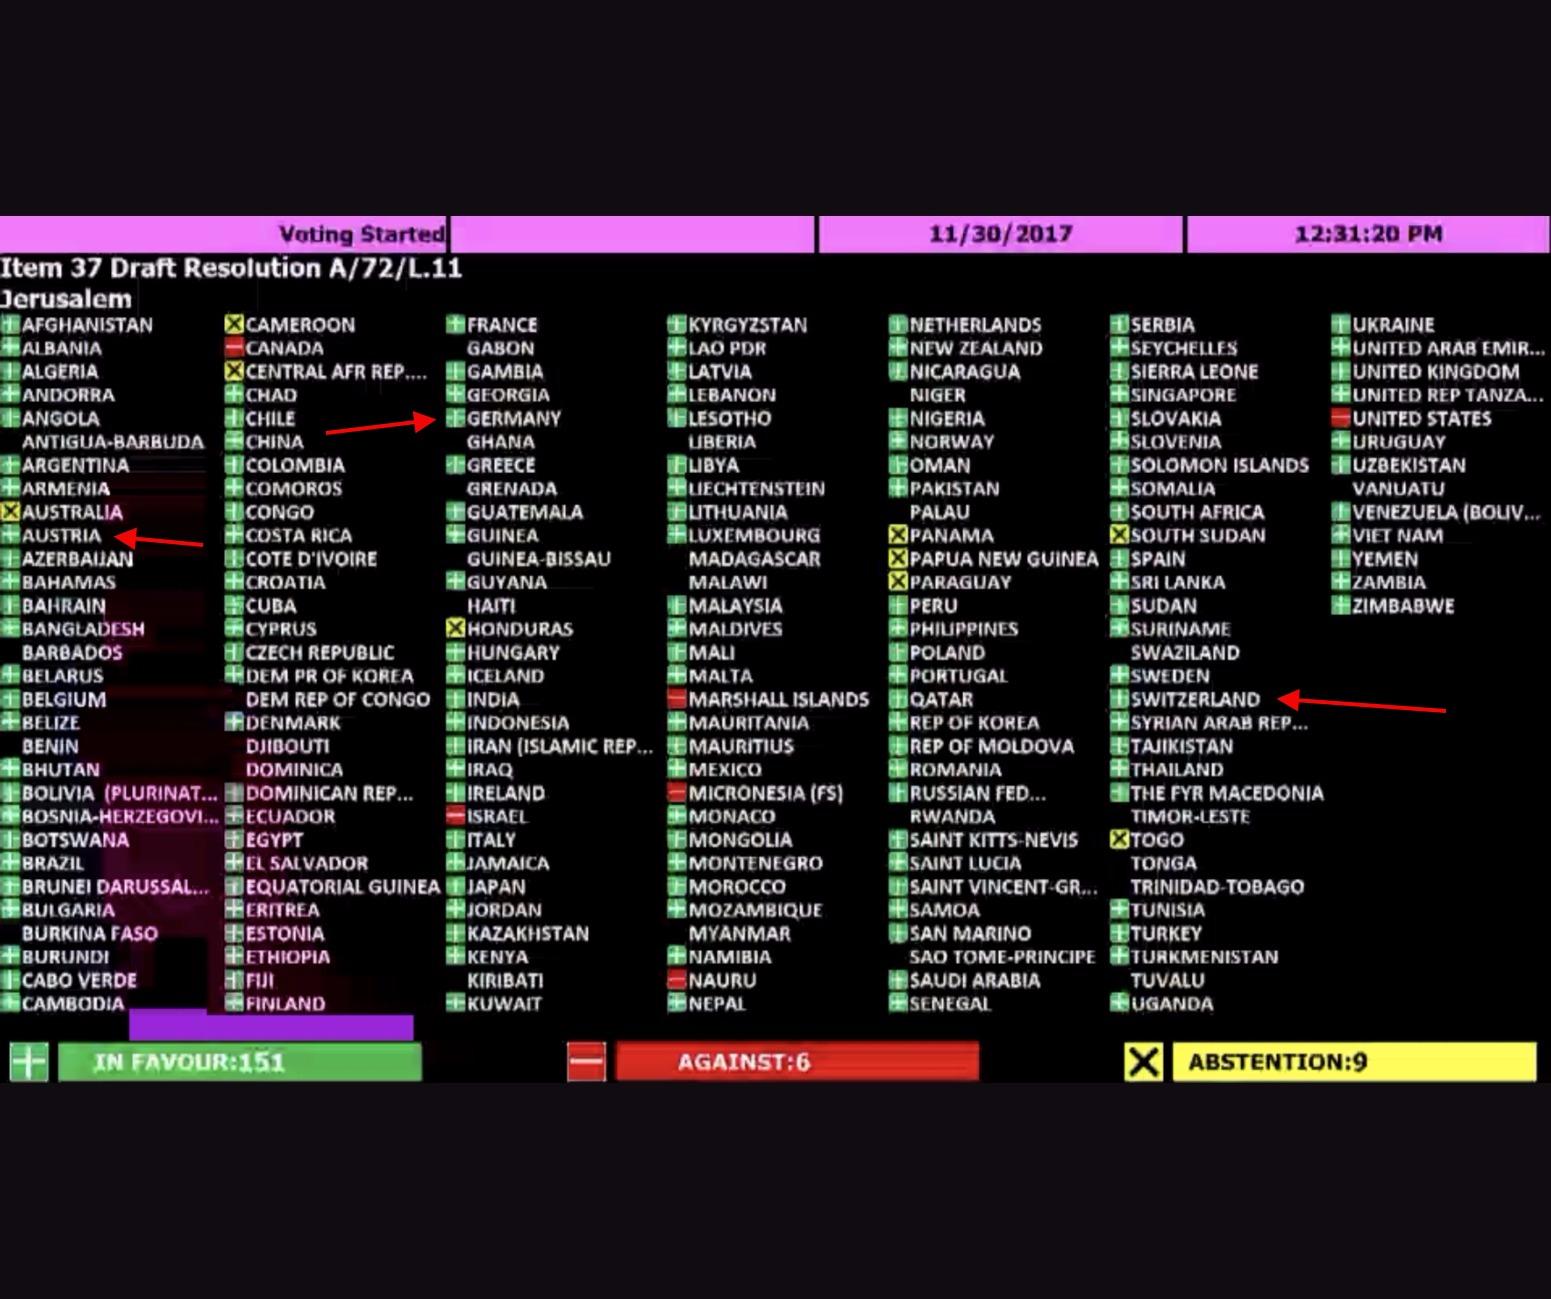 Abstimmungsverhalten Deutschland, Österreich, Schweiz bei Resolution A/72/L.11 in dem der Tempelberg ausschliesslich bei seinem islamischen Namen genannt wird. Foto zVg